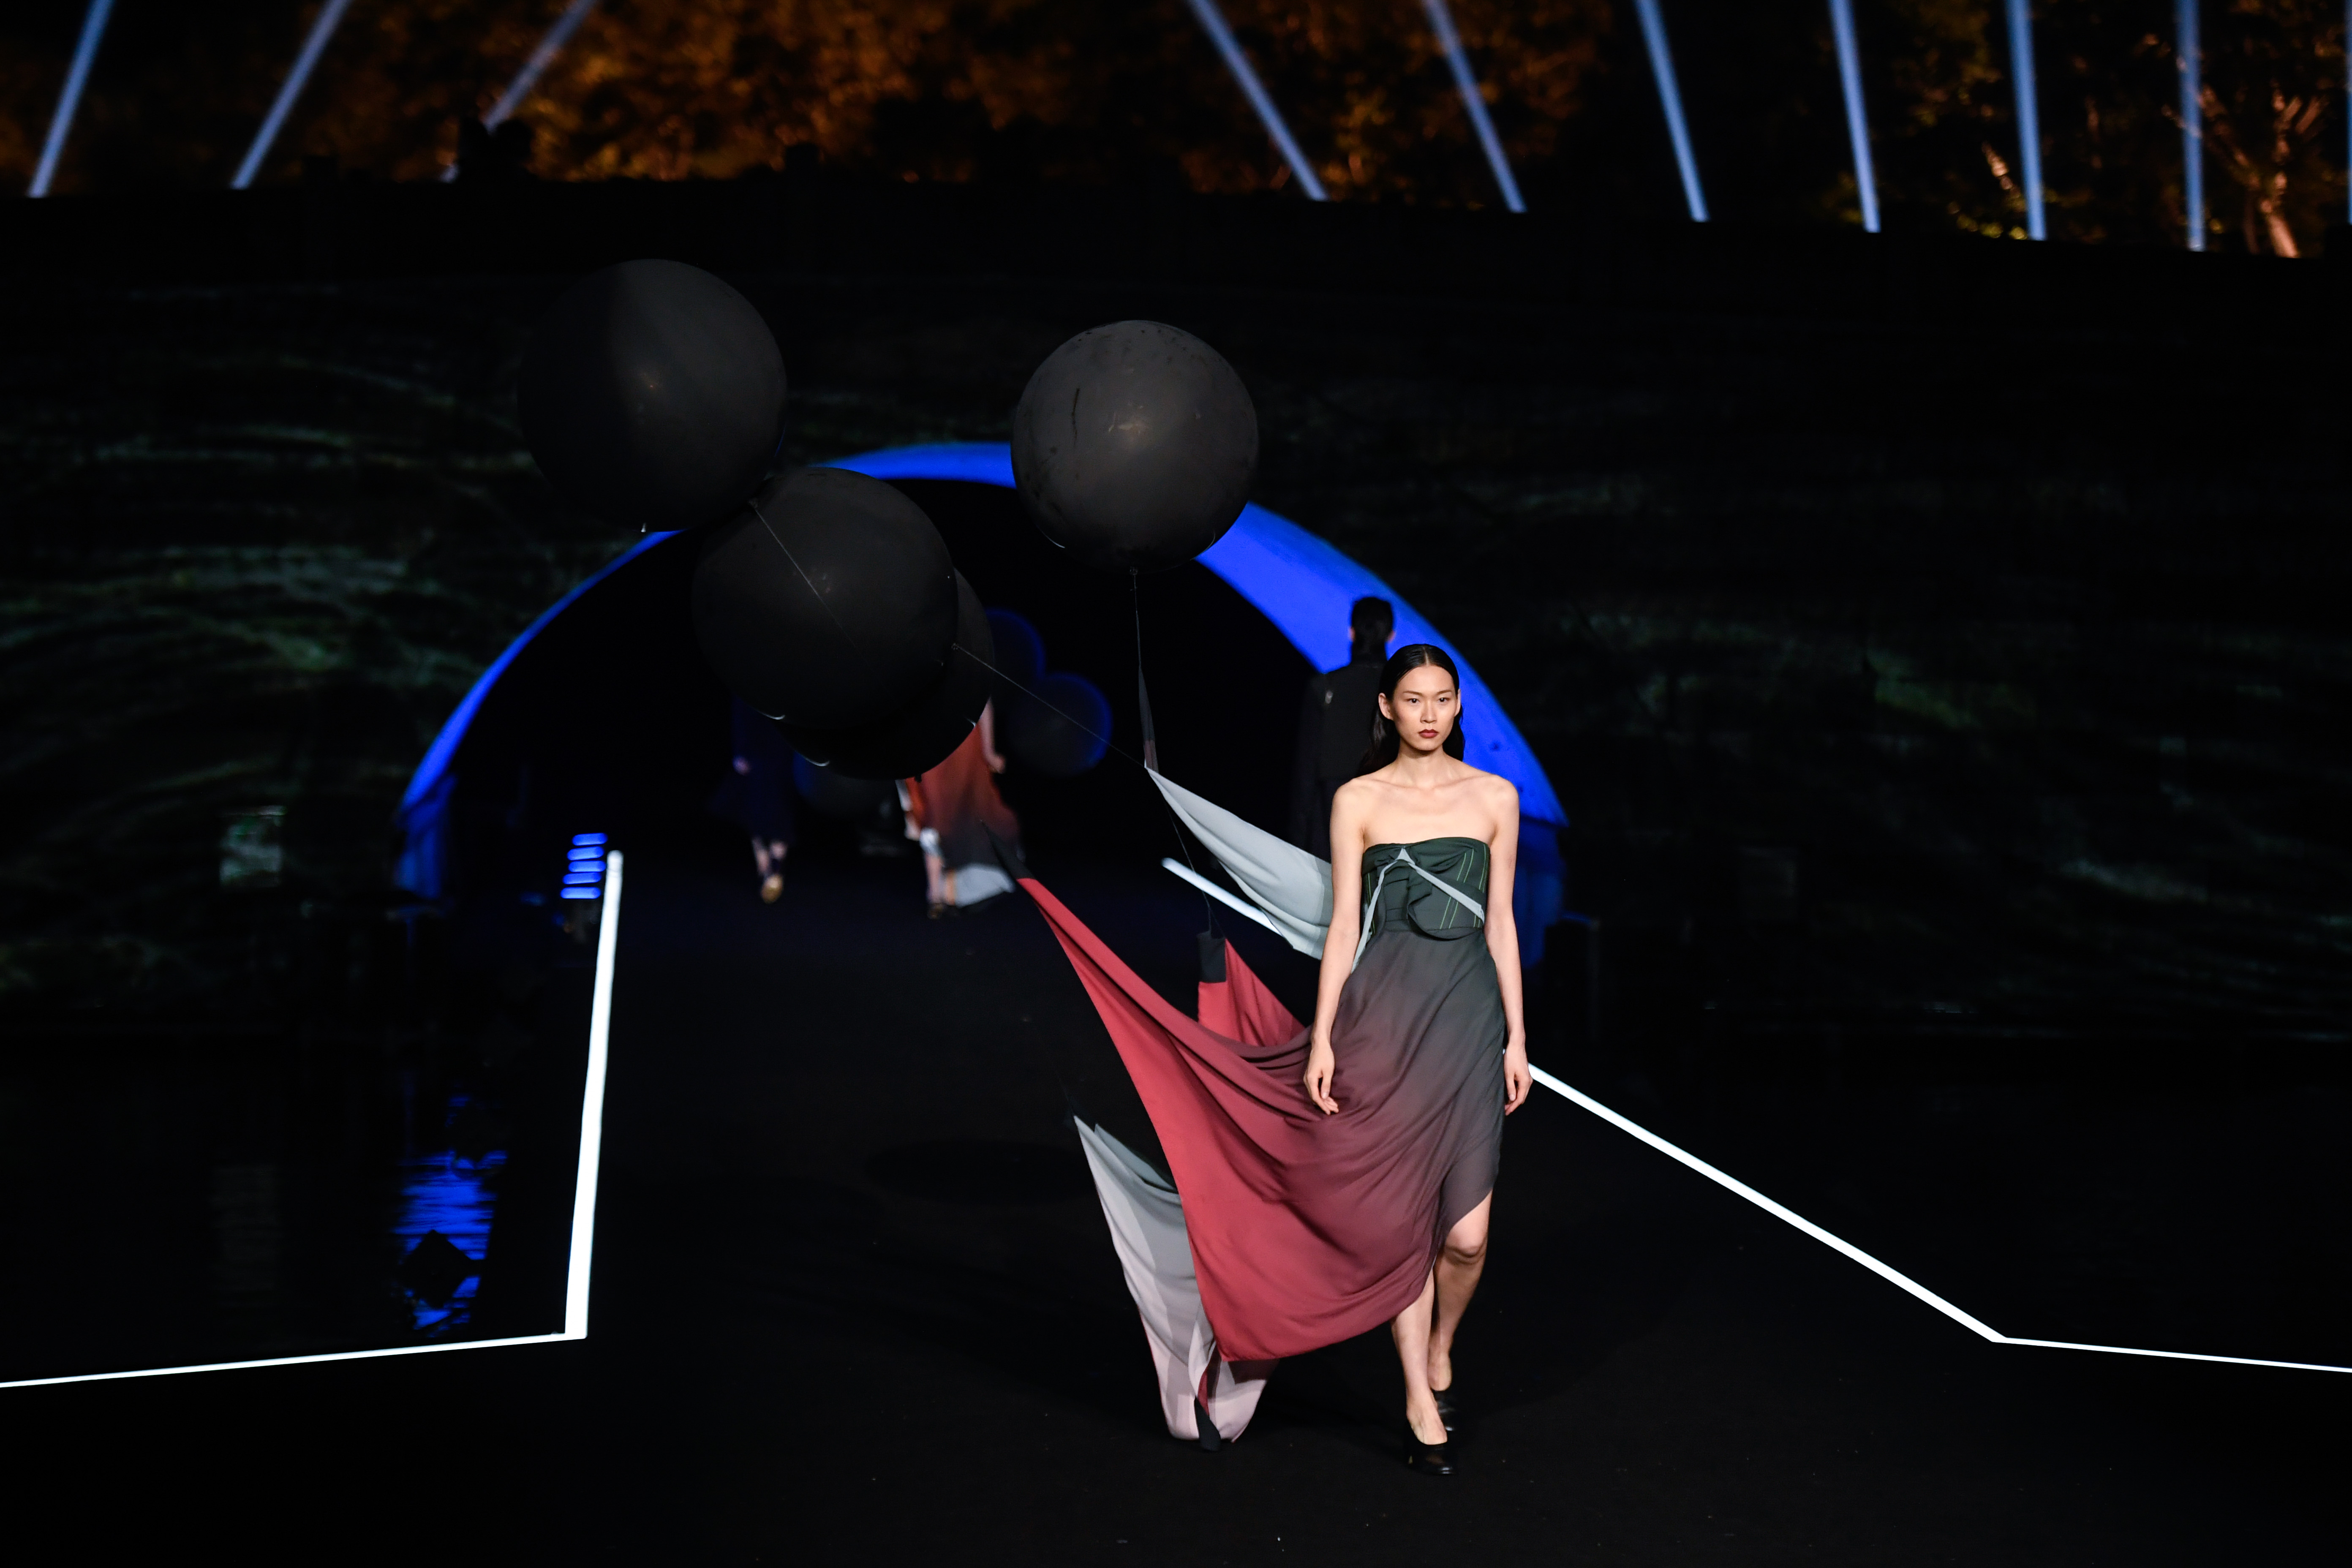 杭州:斷橋時裝秀 裝飾夜西湖